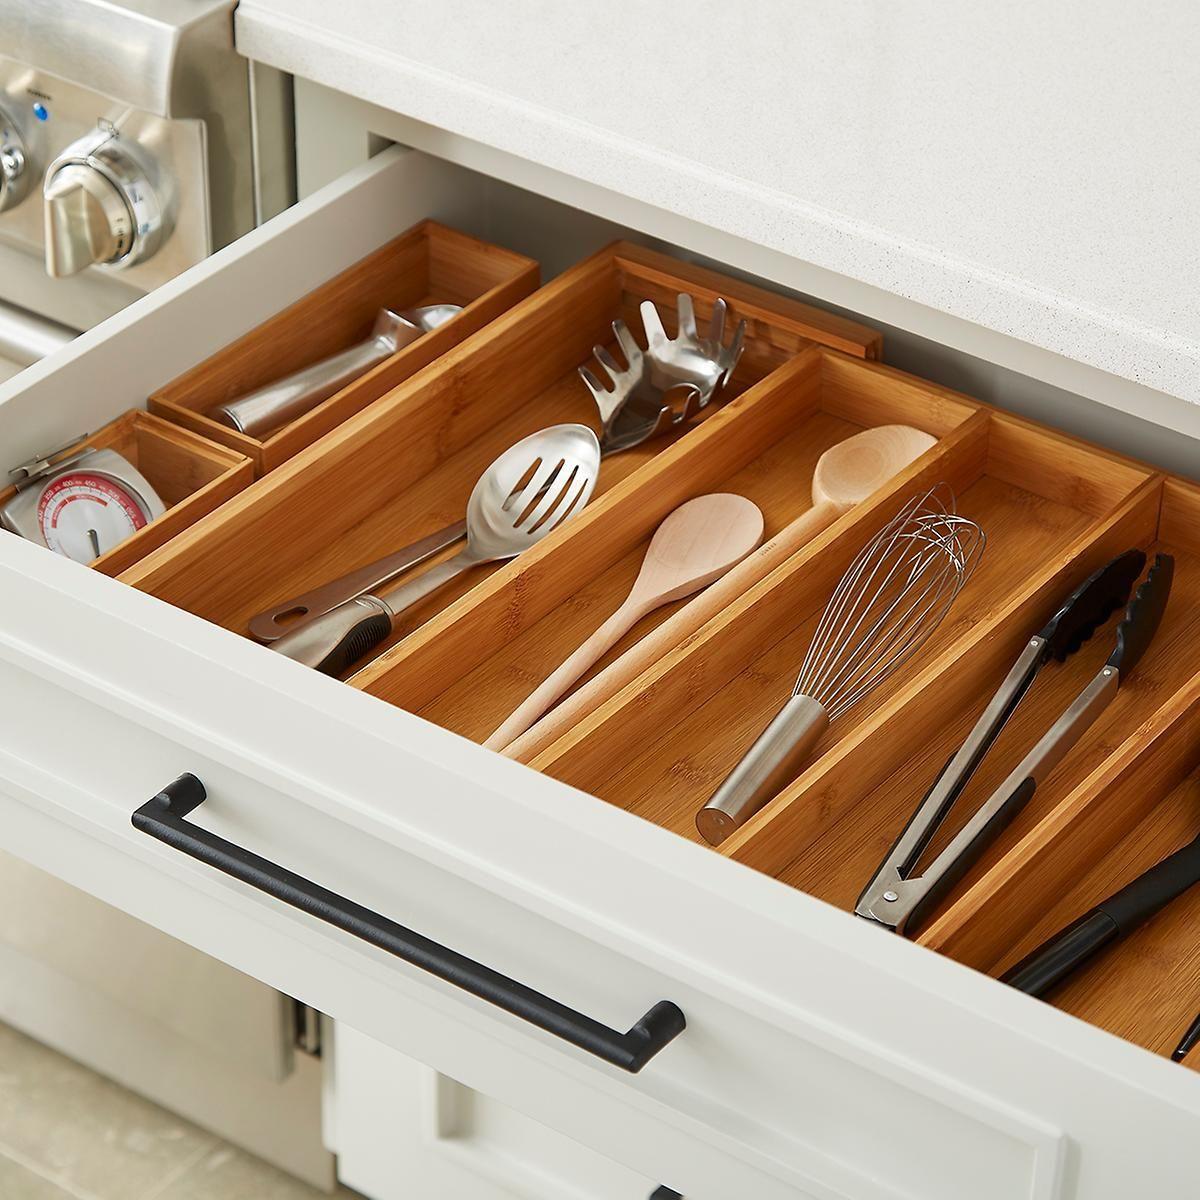 Bamboo Kitchen Drawer Starter Kit Silverware Drawer Organizer